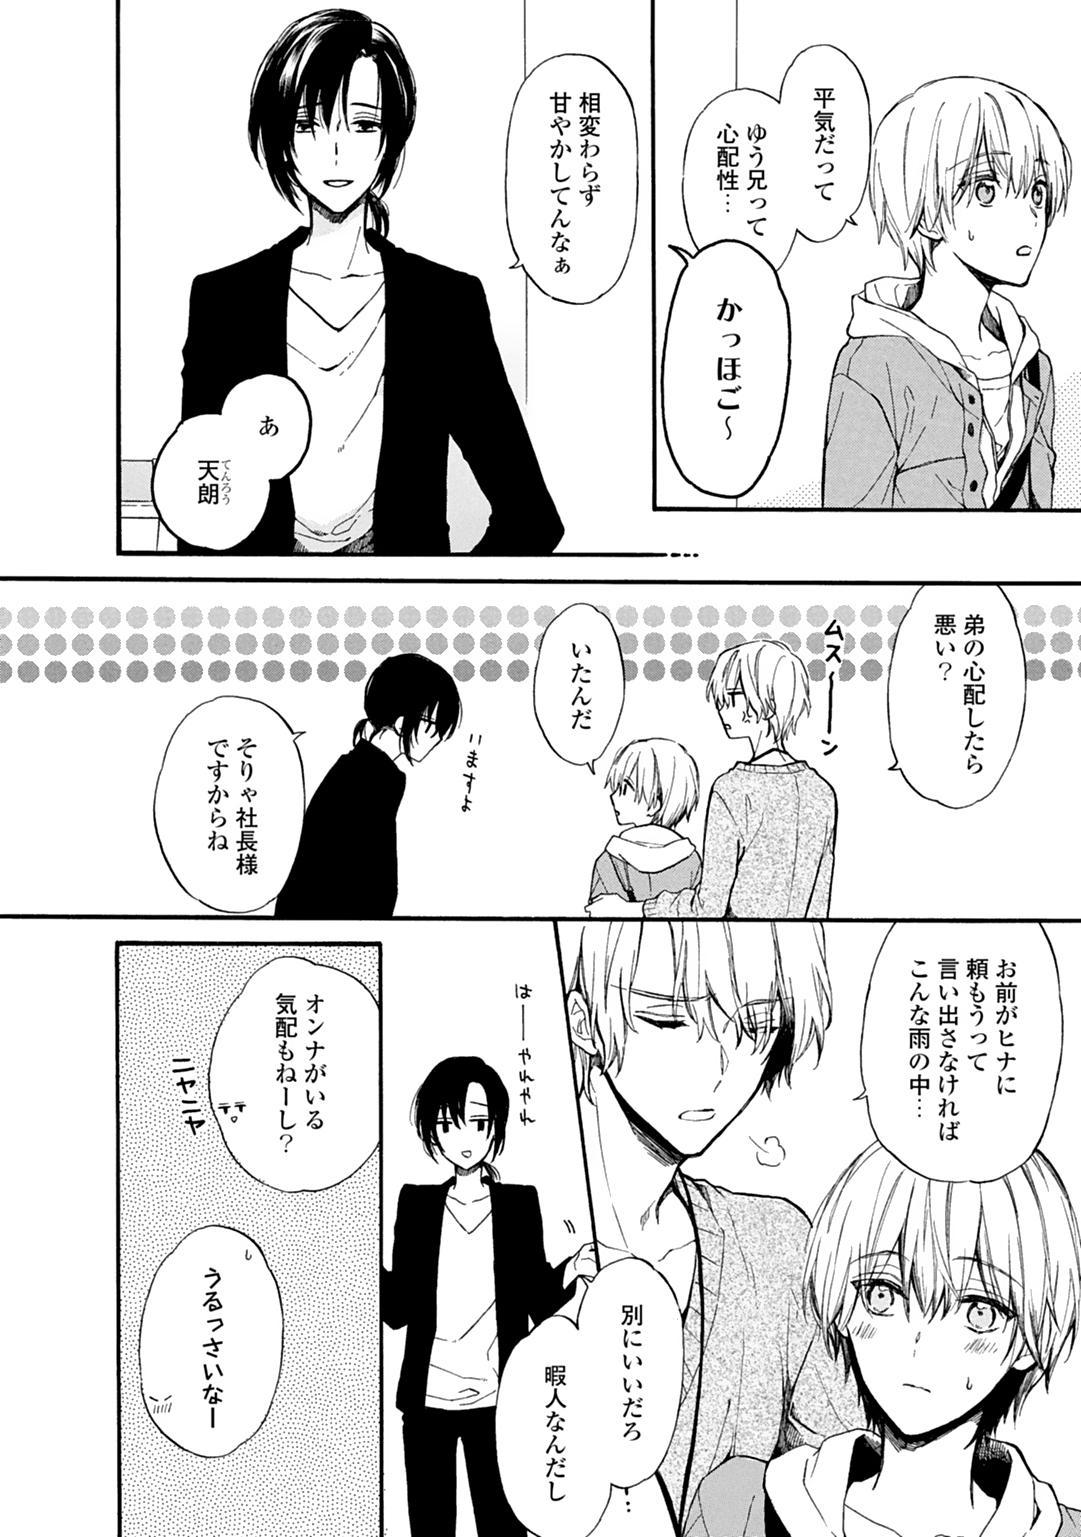 [Suzushiro Nerita] Otomege (18-kin) de Nyotaika shita Ore wa ~Clear Jouken wa Dekiai Ecchi!?~ 1-2 3